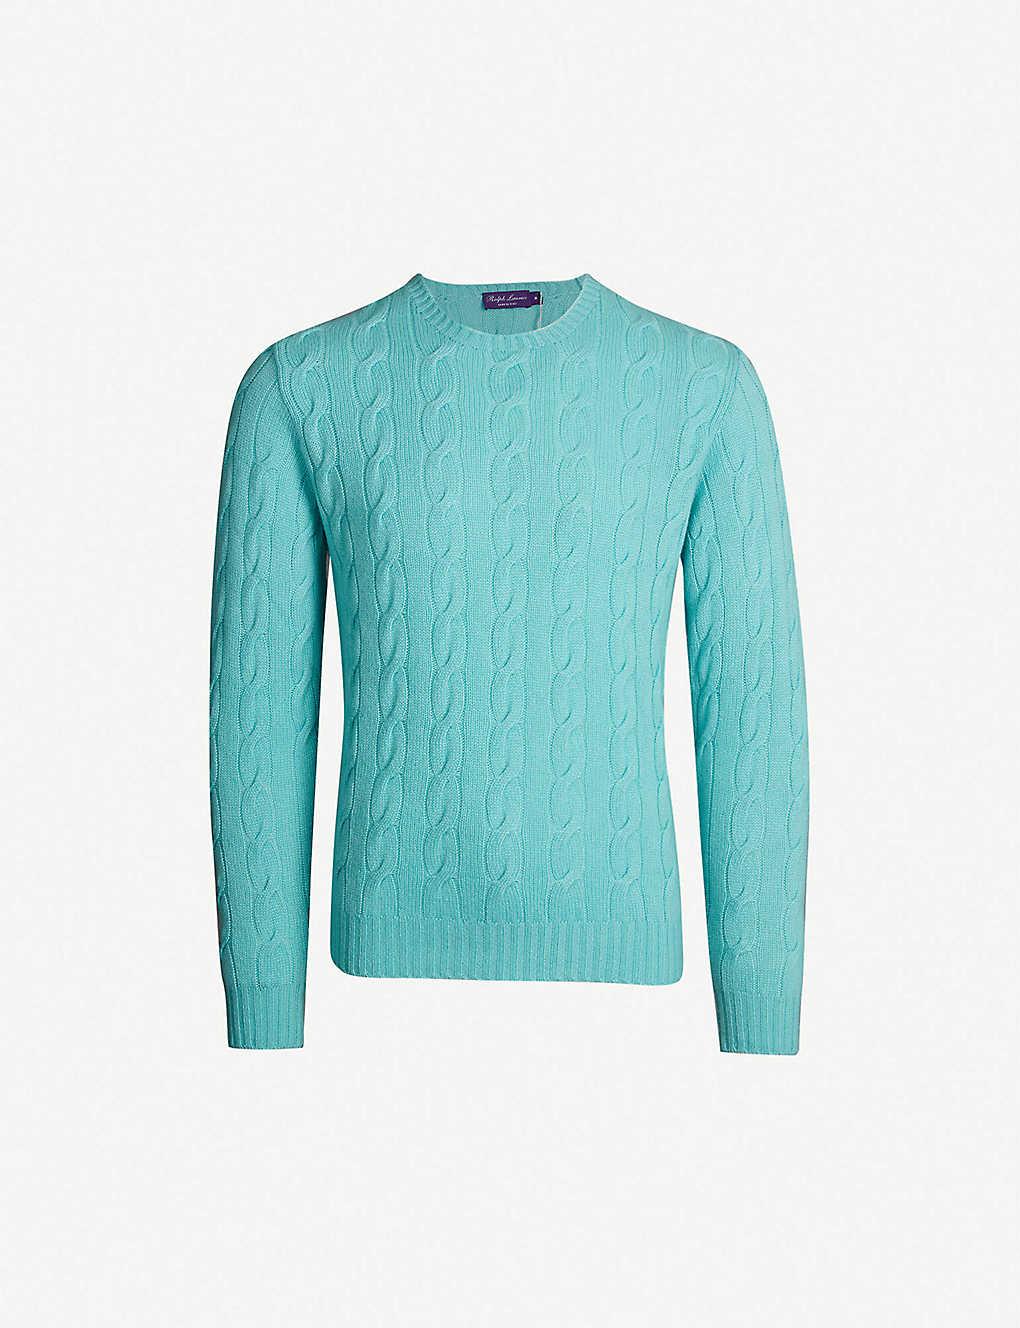 cde86d3969bf9 POLO RALPH LAUREN - Cable-knit cashmere jumper | Selfridges.com